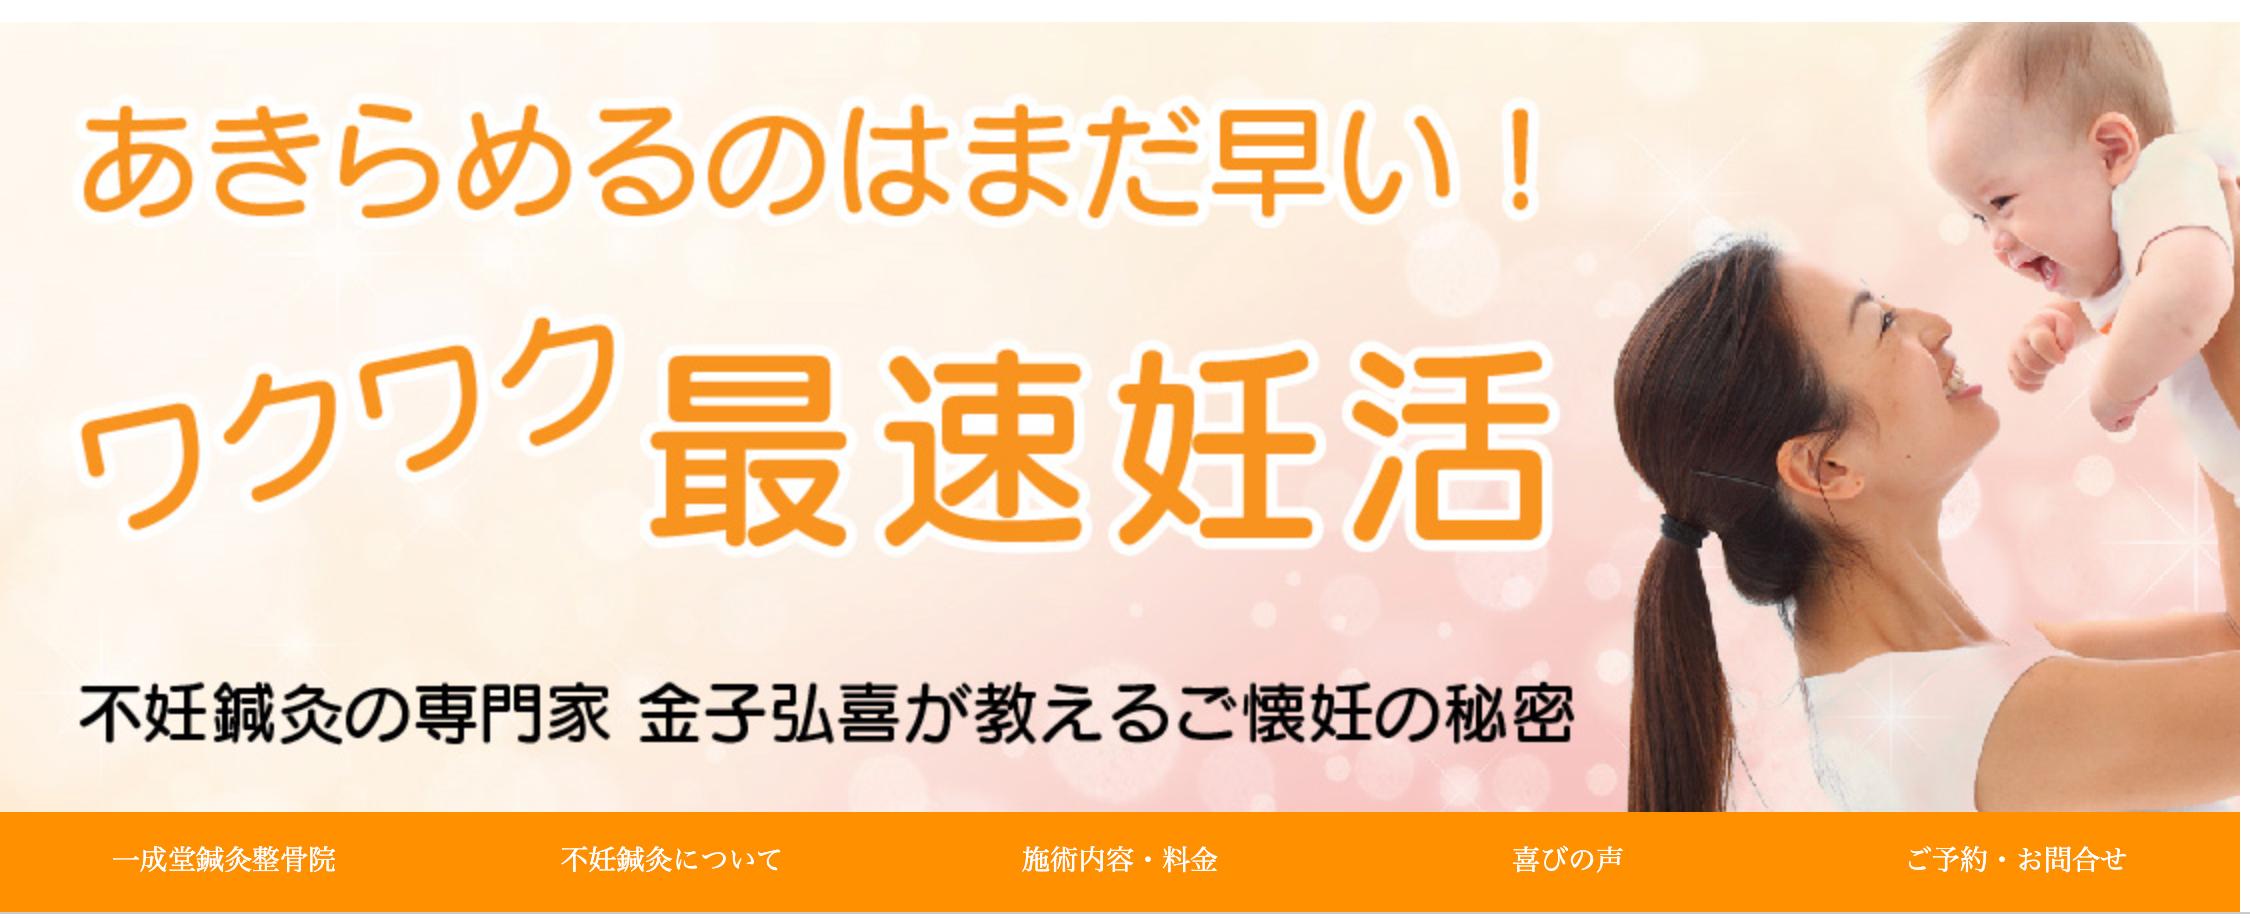 アメブロ 一成堂 金子弘喜 院長ブログ